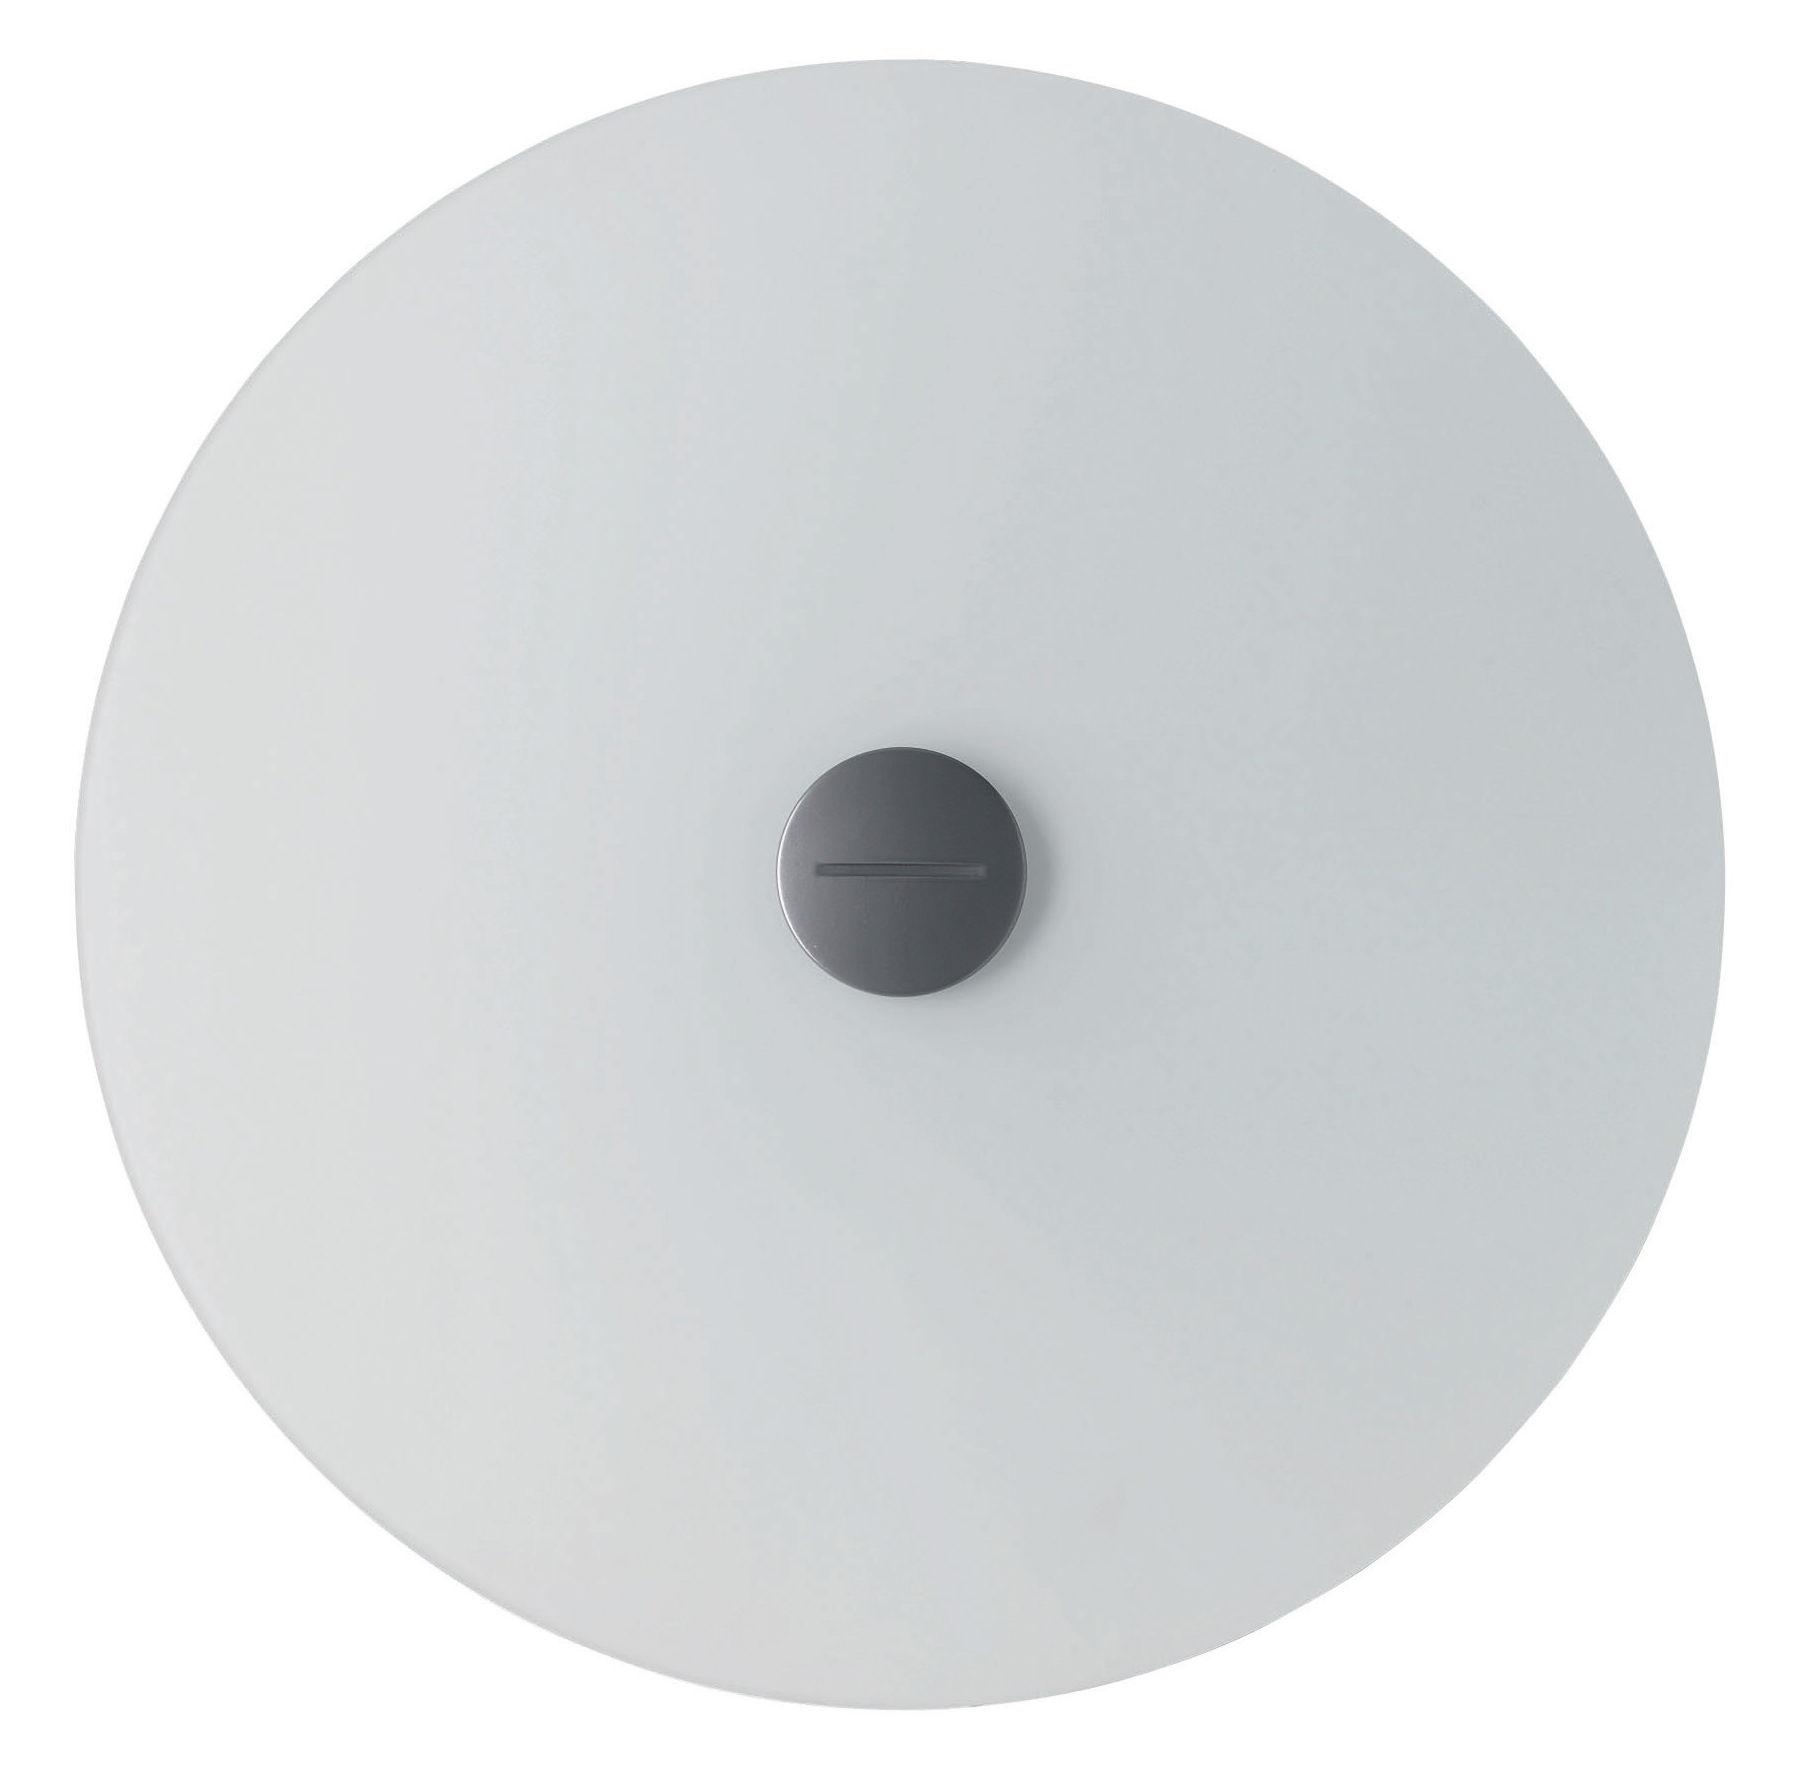 Luminaire - Appliques - Applique avec prise Bit 3 - Foscarini - Blanc - Métal, Verre